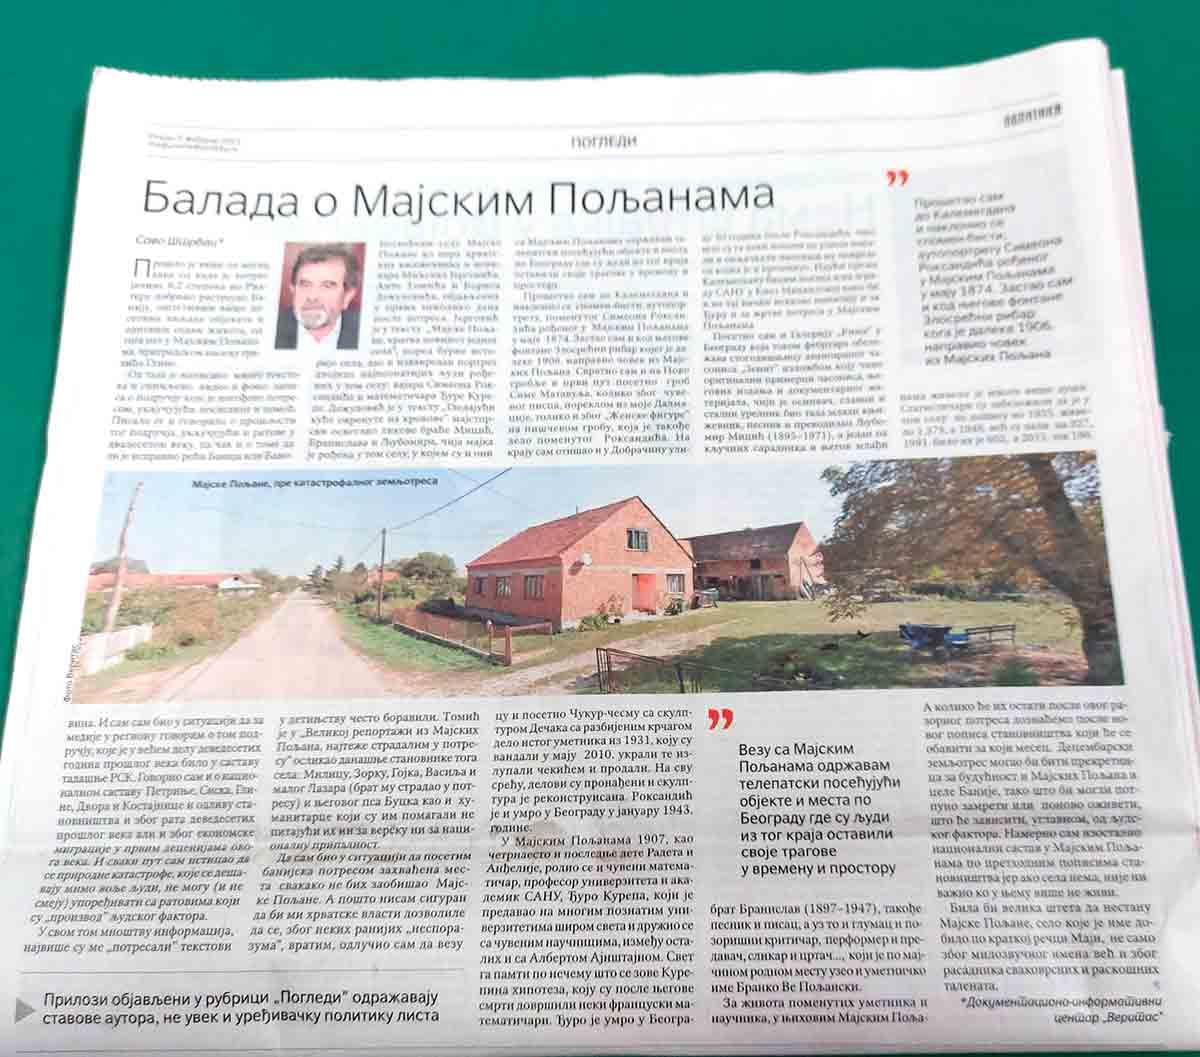 Savo Štrbac: Balada o Majskim Poljanama, 9.2.2021. Politika Foto: snimak